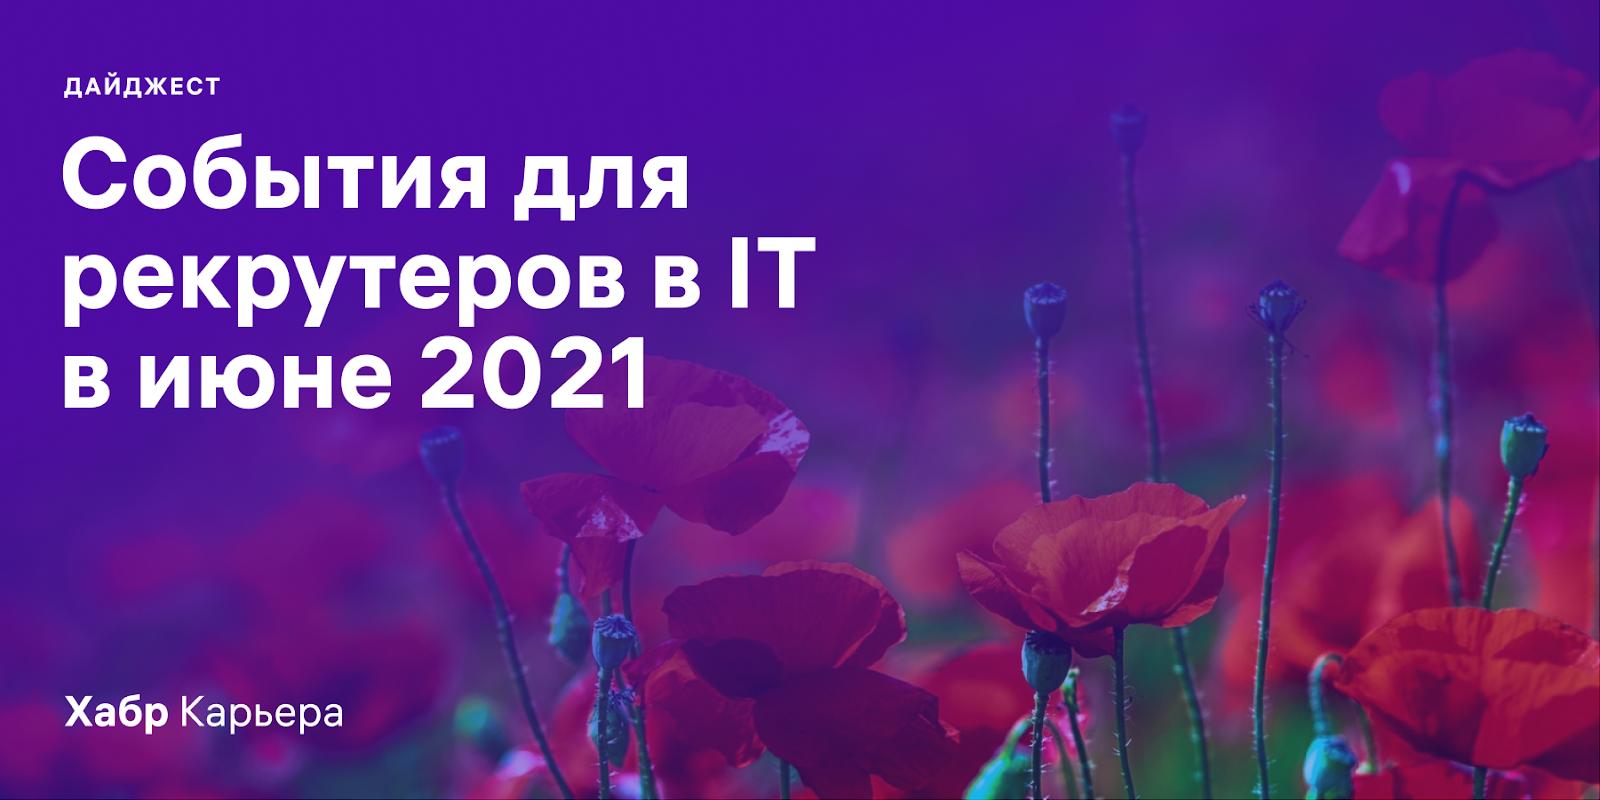 Дайджест событий для эйчаров и рекрутеров в IT на июнь 2021